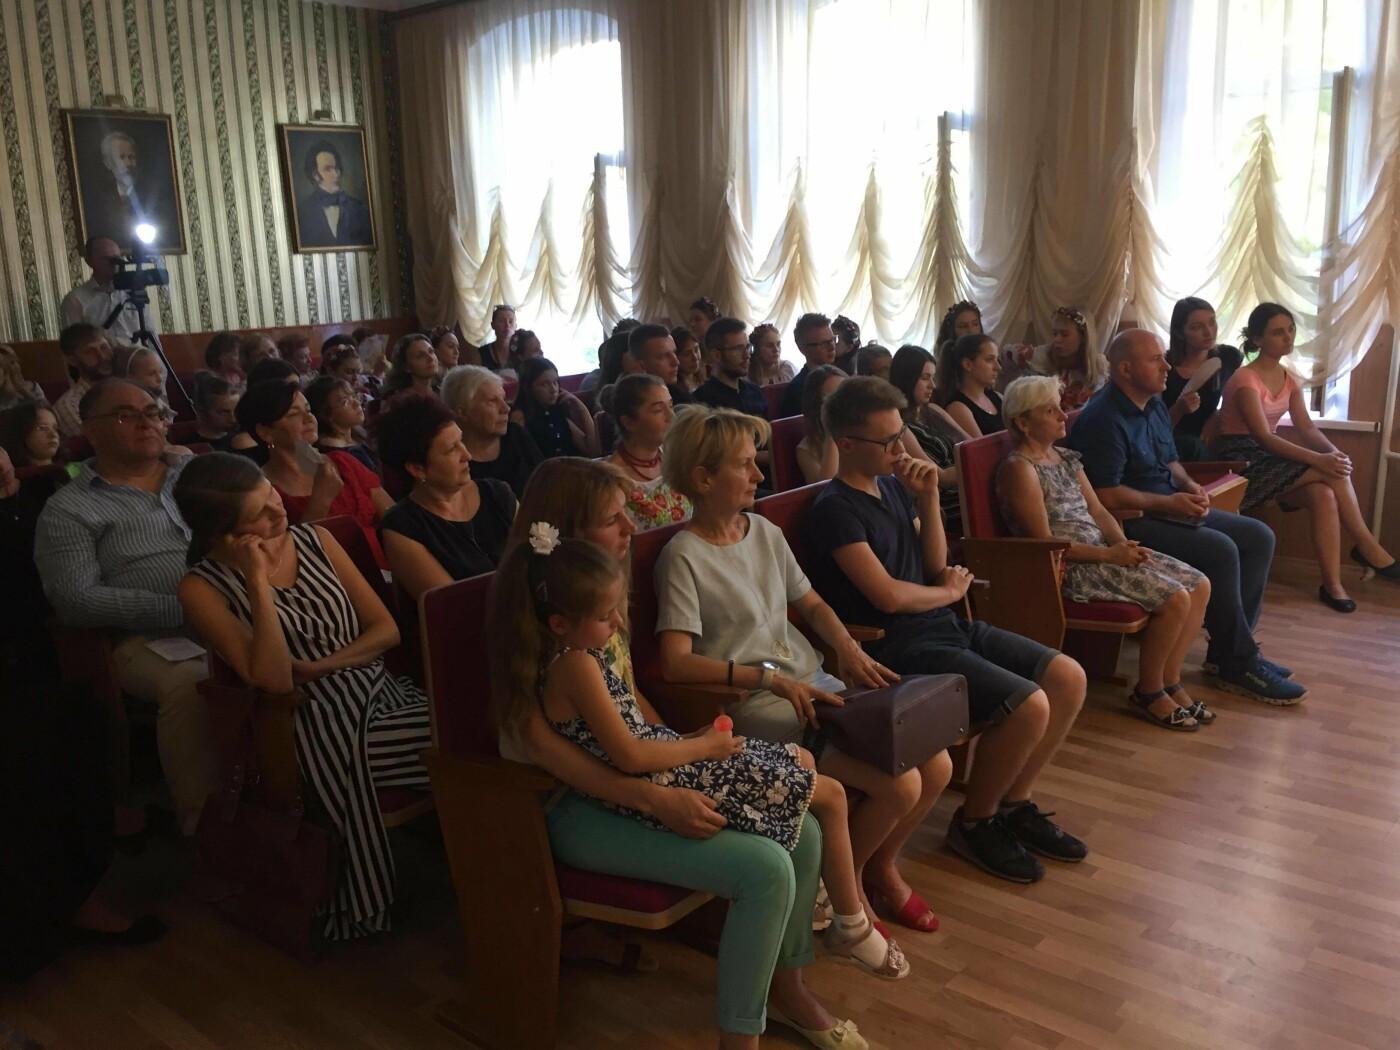 У Кам'янці-Подільському музика об'єднала любителів класики, фото-1, Фото: Дмитро Бачинський